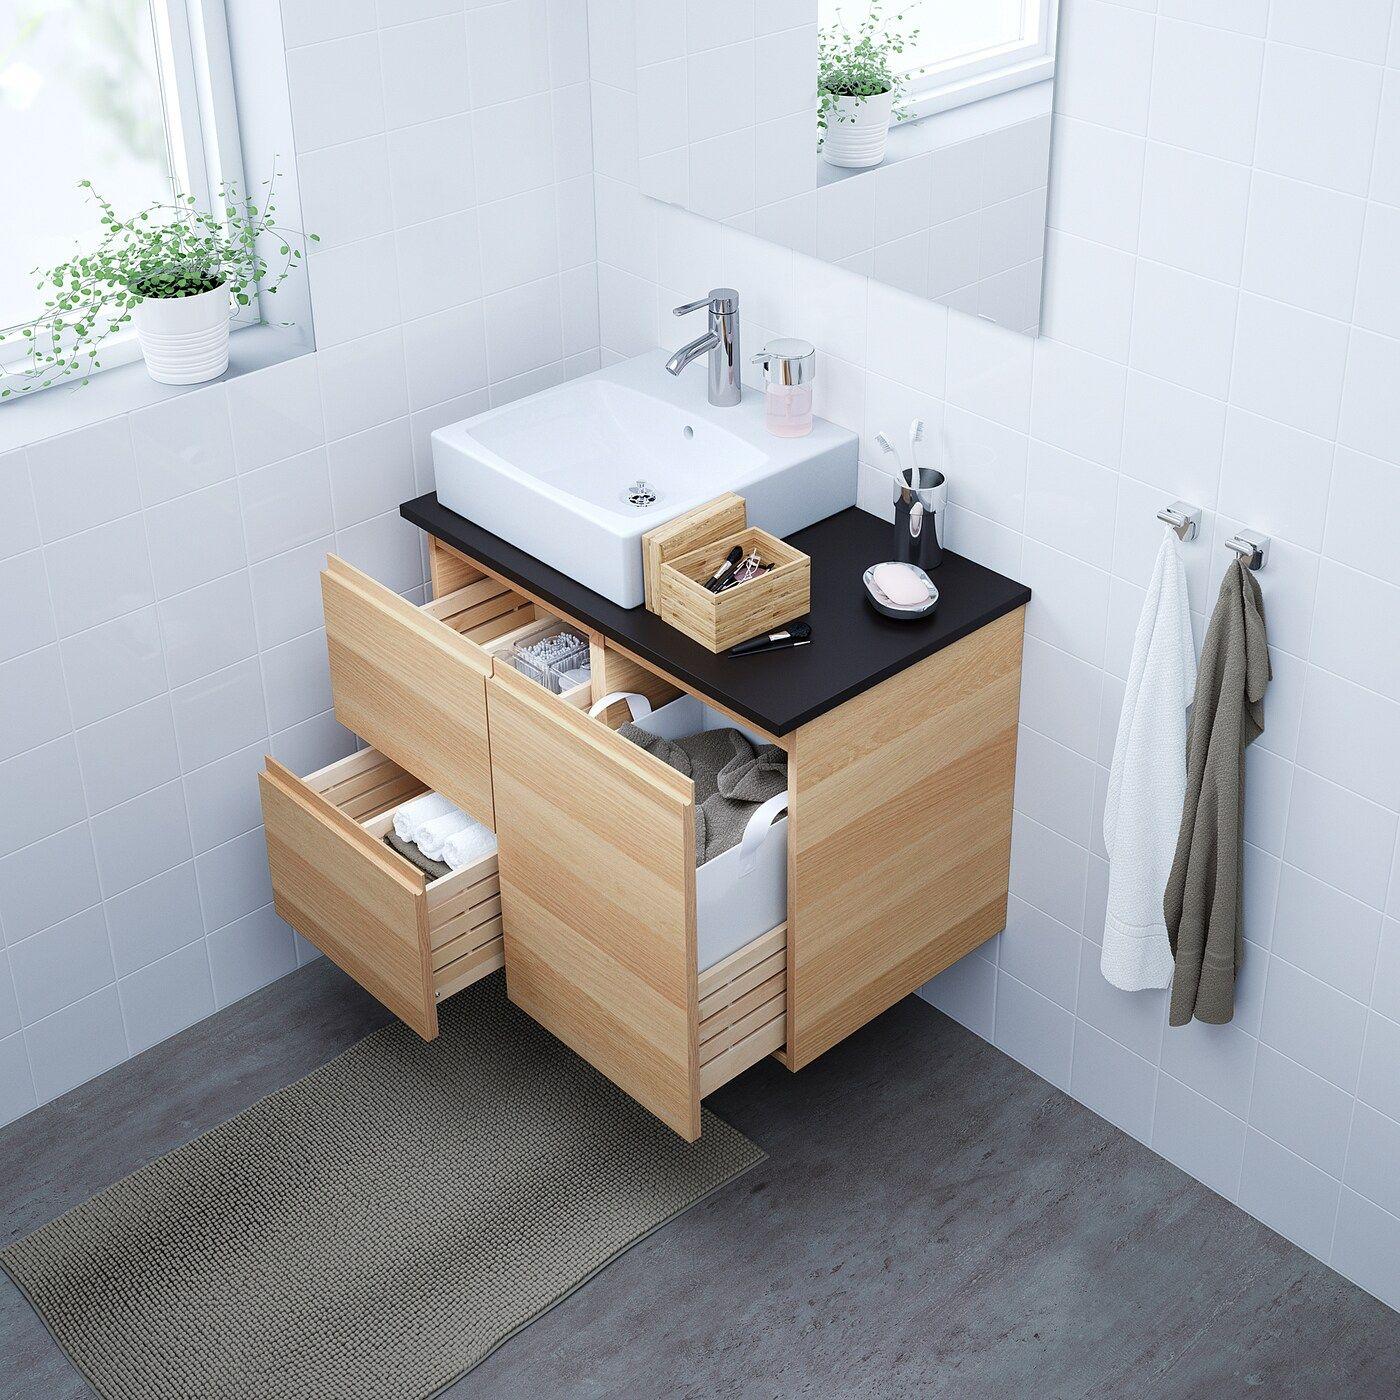 Godmorgon Tolken Tornviken Waschbschr Waschb 45x45 In 2020 Ikea Godmorgon Waschtisch Holz Weiss Mischbatterien